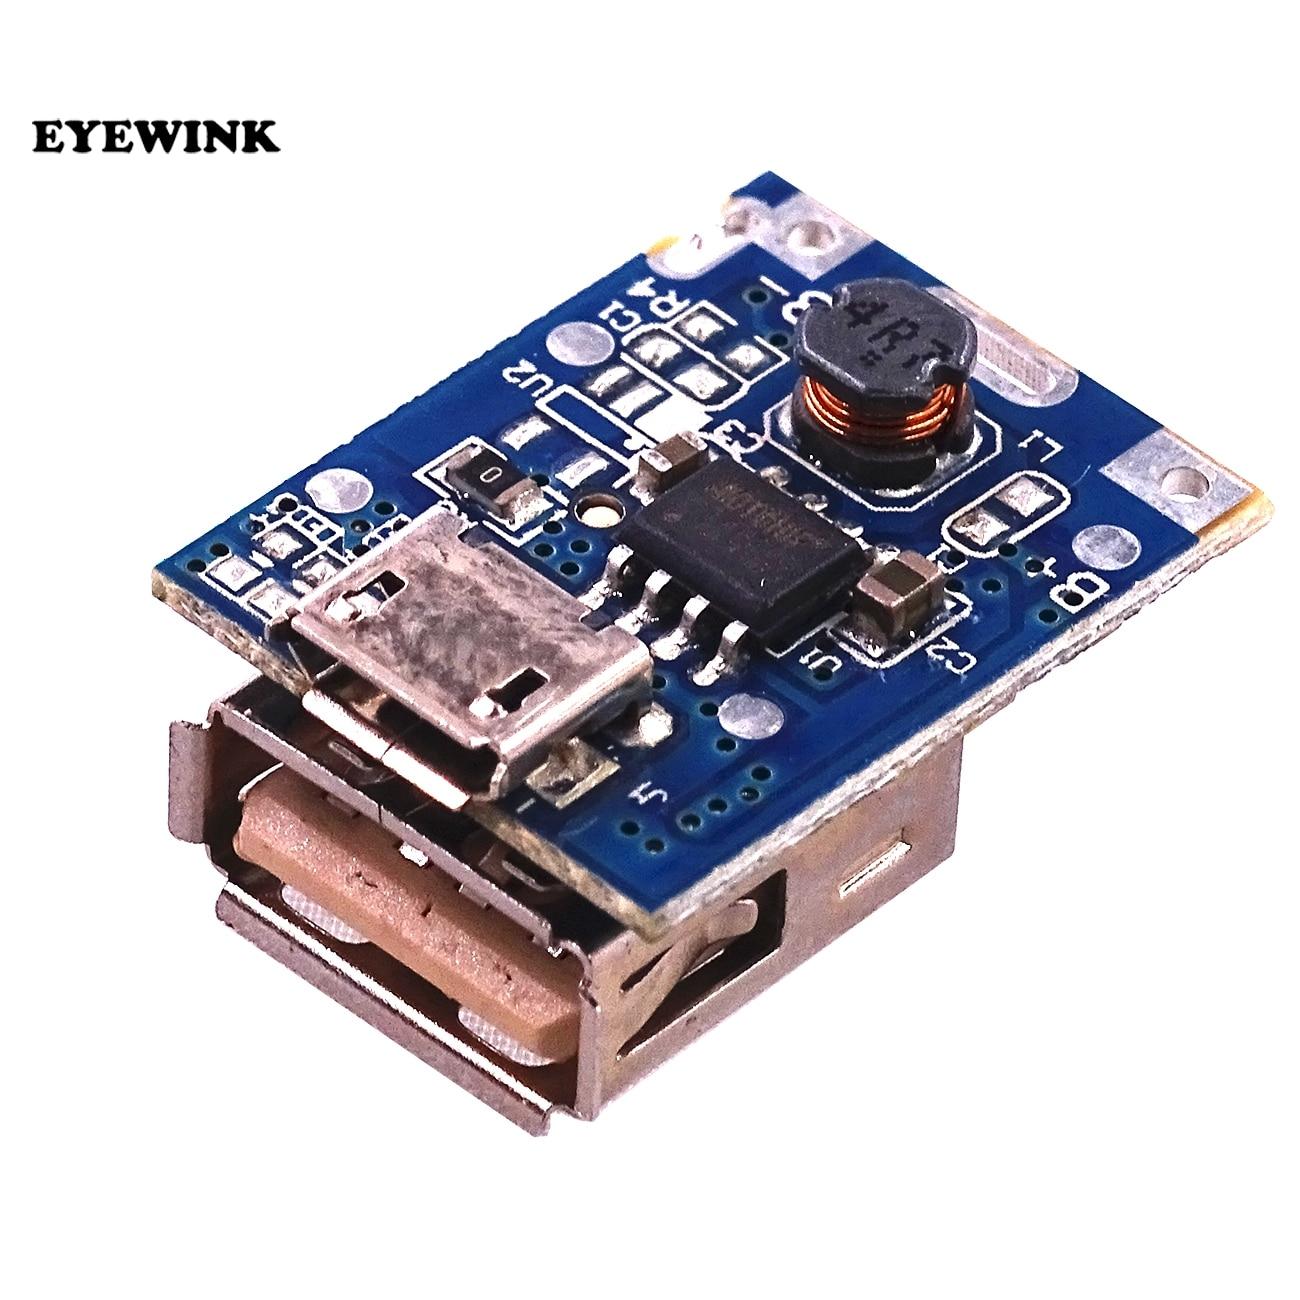 5 шт., 5 В, Повышающий Модуль питания, литиевый LiPo аккумулятор, плата для зарядки, светодиодный дисплей, USB для самостоятельного зарядного устройства, 134N3P программа|power module|protection boardstep up - AliExpress